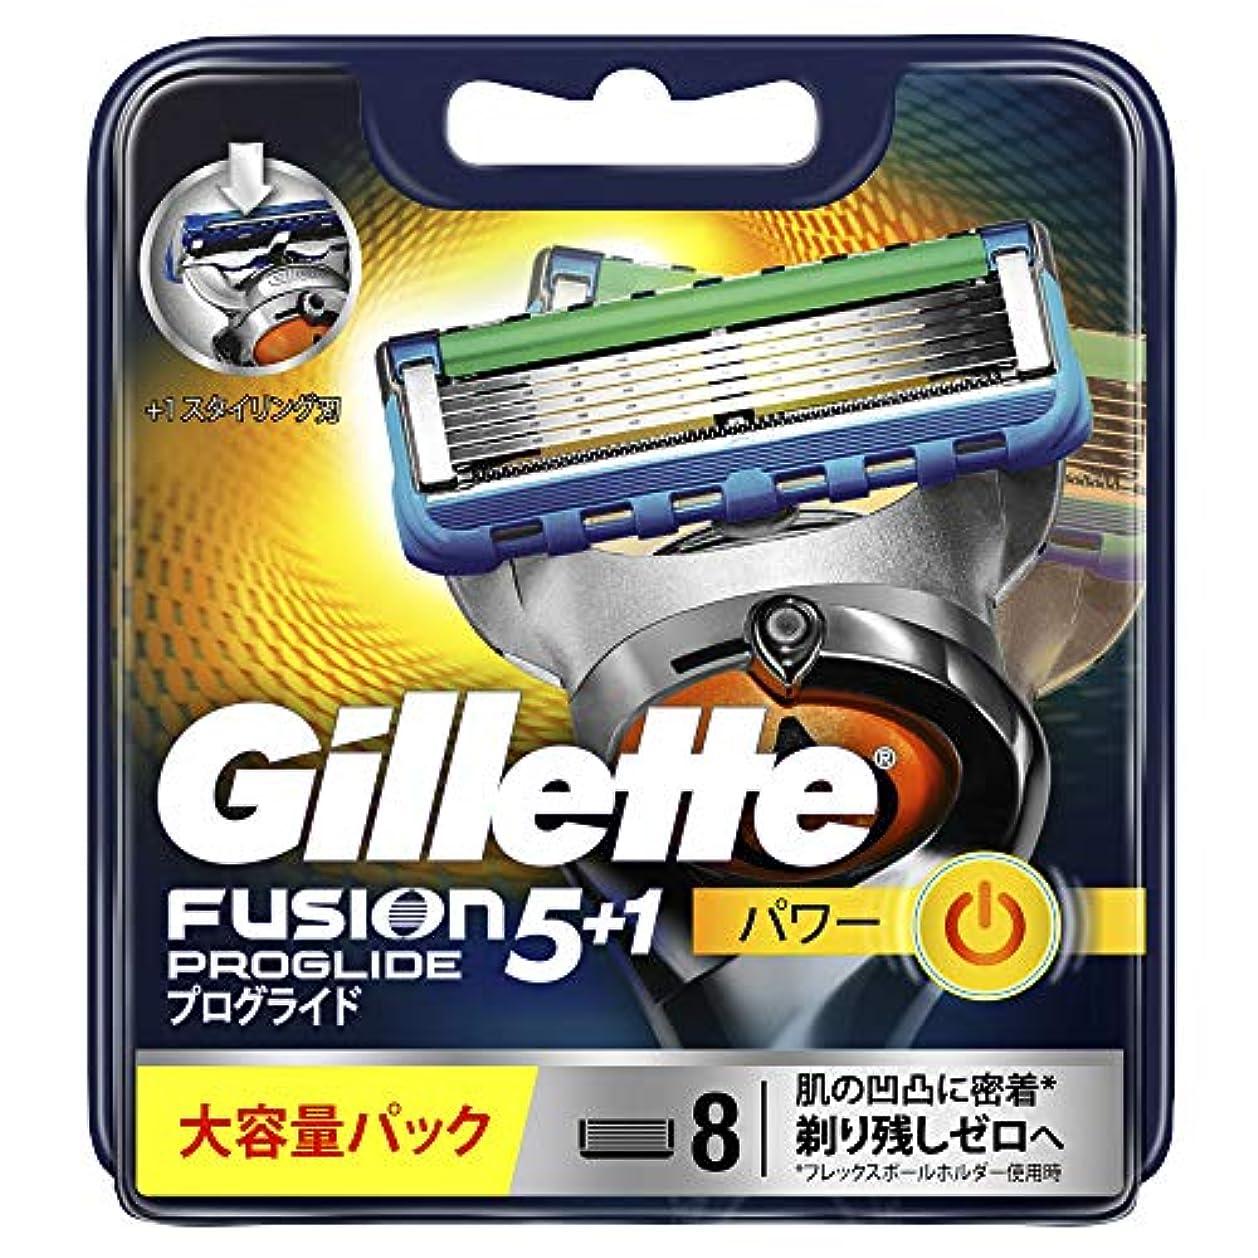 非効率的なハイブリッドモードジレット プログライド フレックスボール パワー 髭剃り 替刃 8コ入